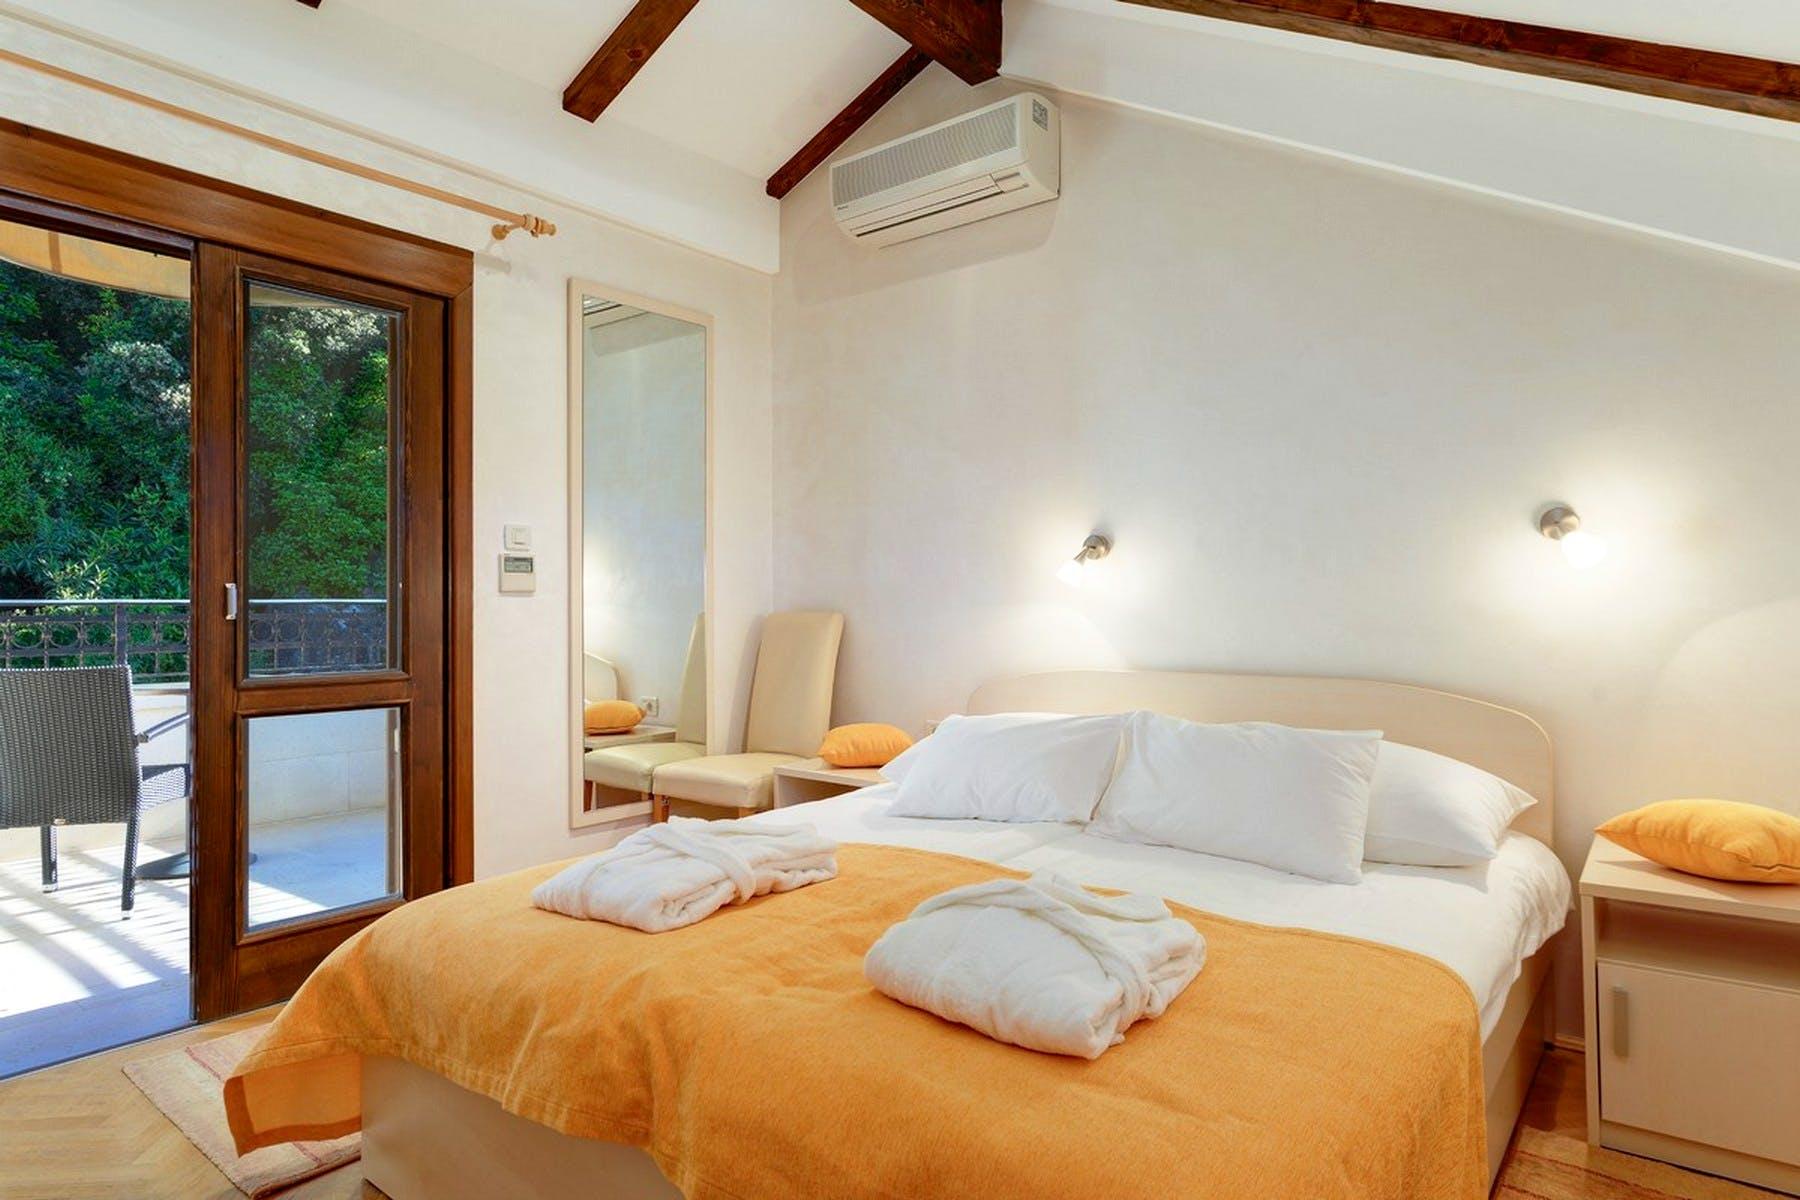 Dvokrevetna spavaća soba na tavanu